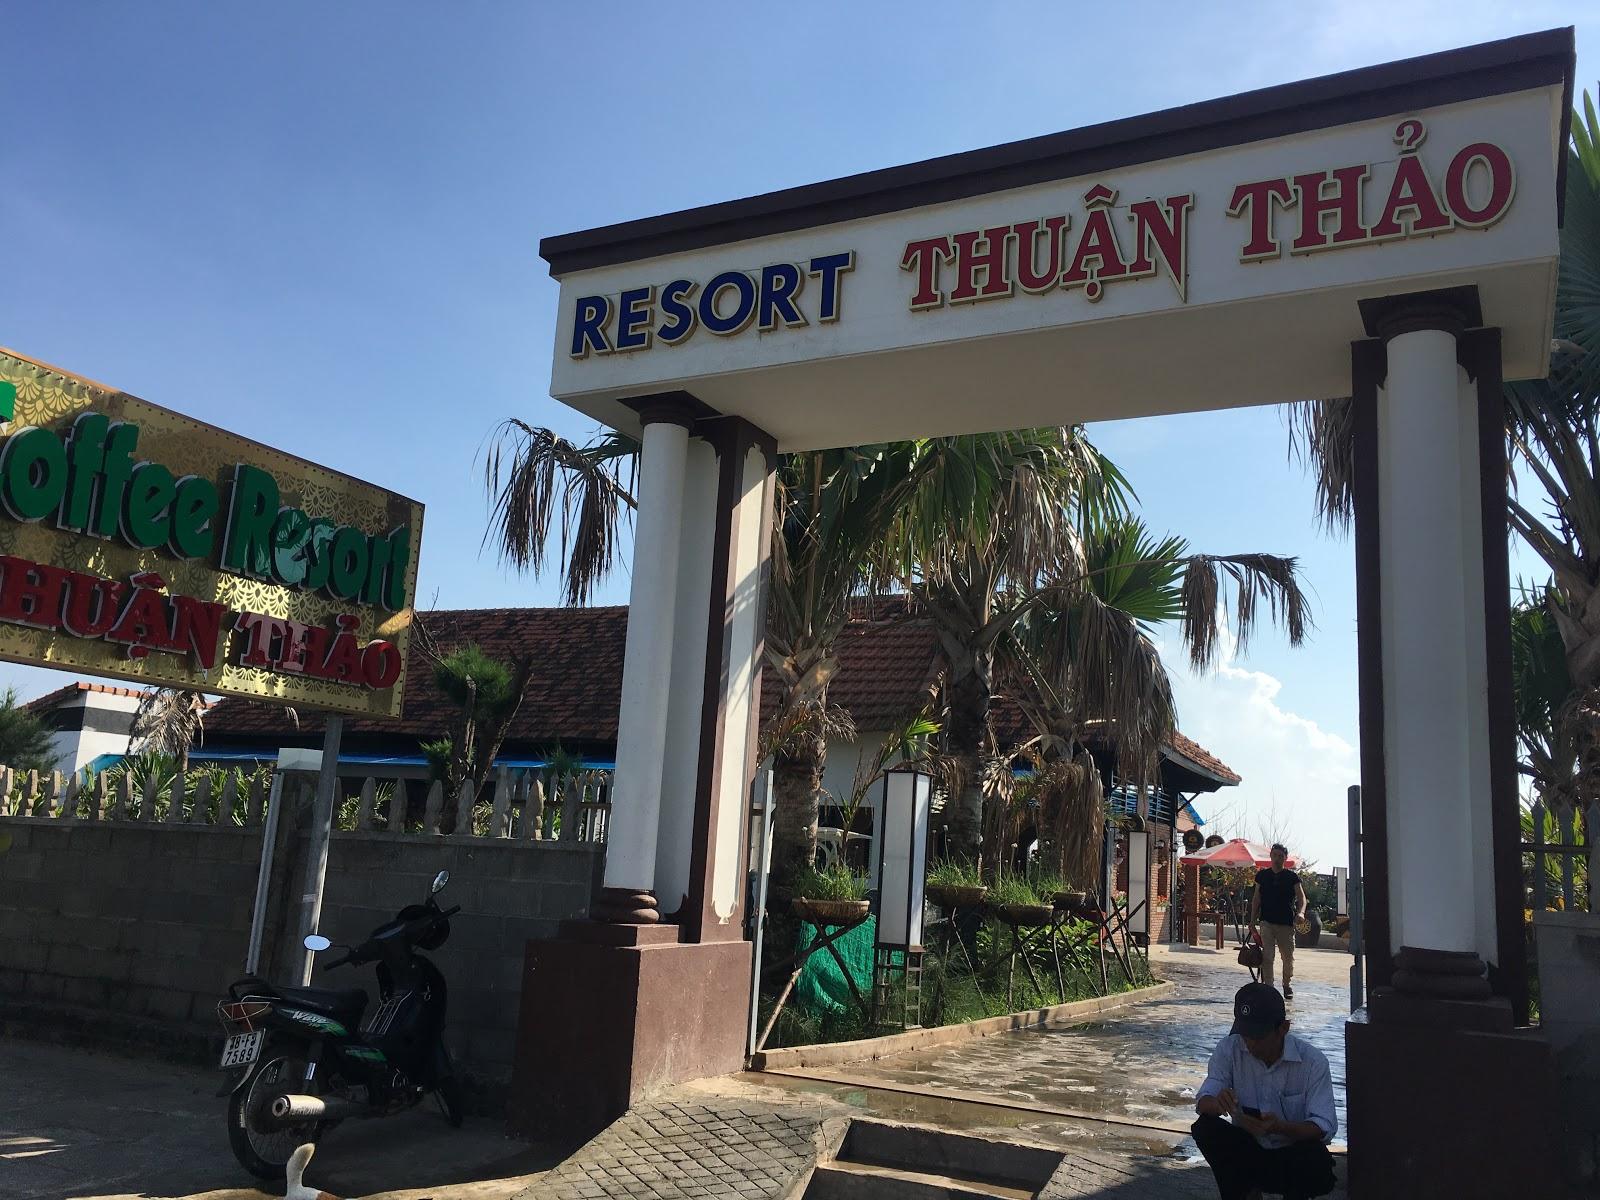 Doanh nhân Võ Thị Thanh: Từ 'Bông hồng vàng' Thuận Thảo tới con nợ khó đòi của ngân hàng BIDV - 2